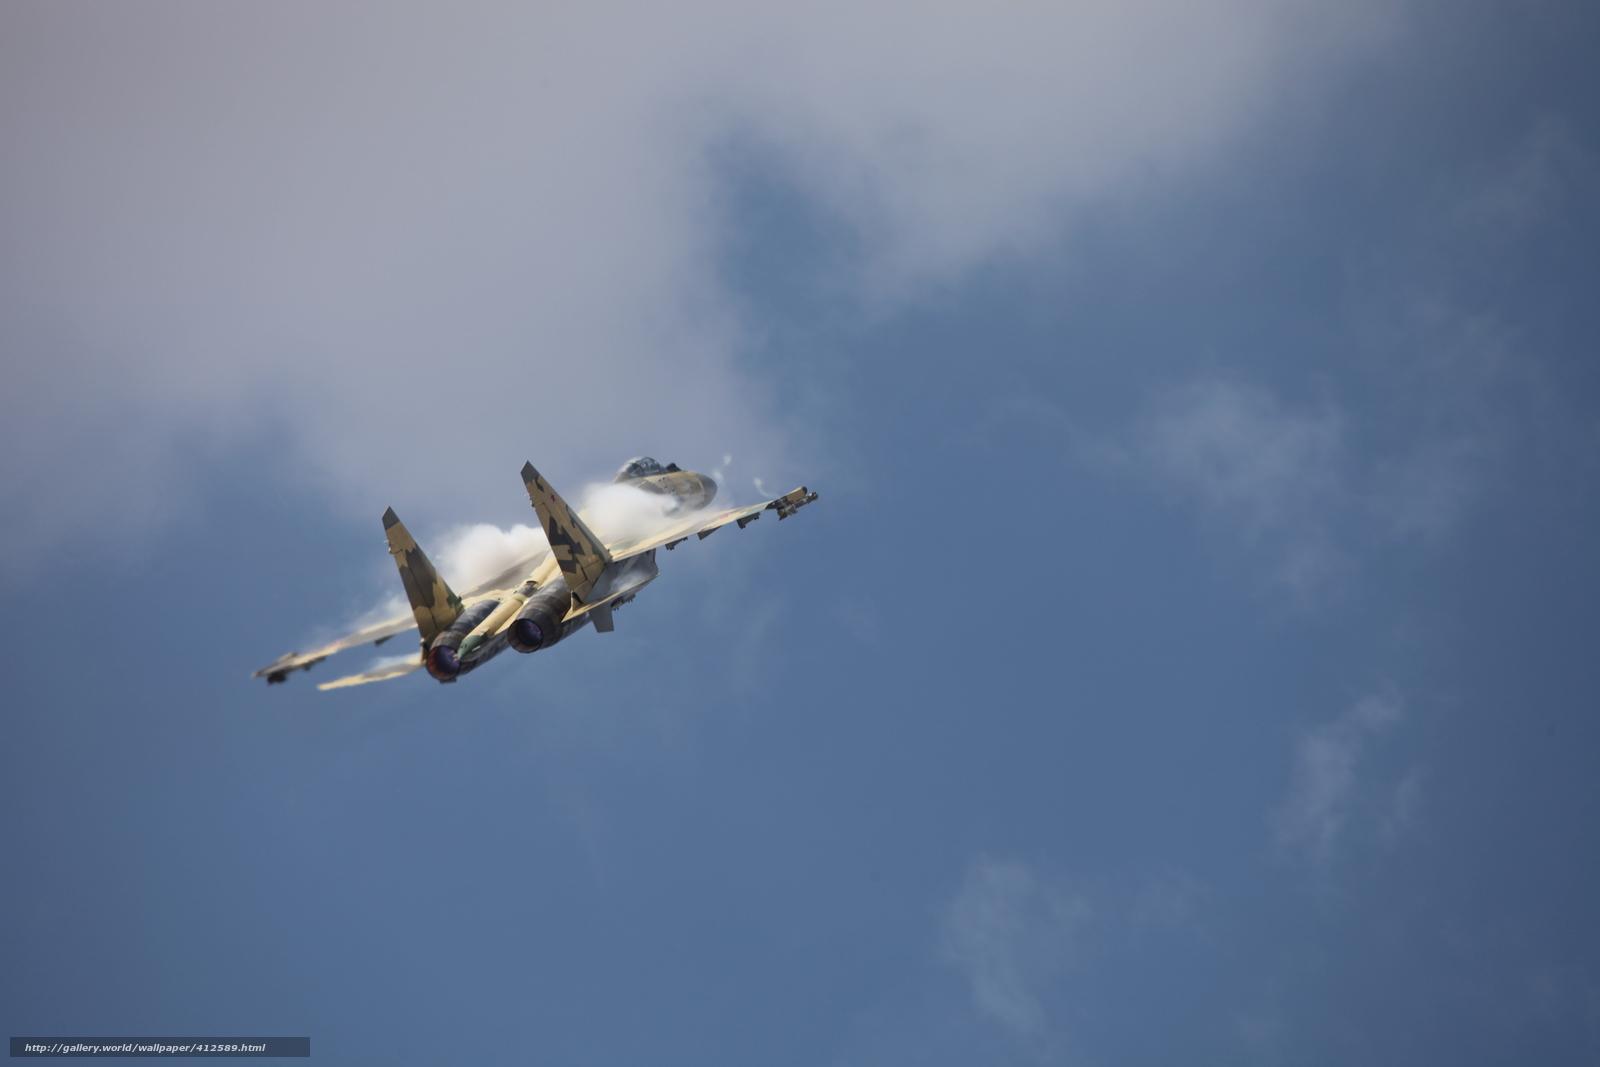 Скачать обои самолёт,  су,  небо,  пилотаж бесплатно для рабочего стола в разрешении 5616x3744 — картинка №412589